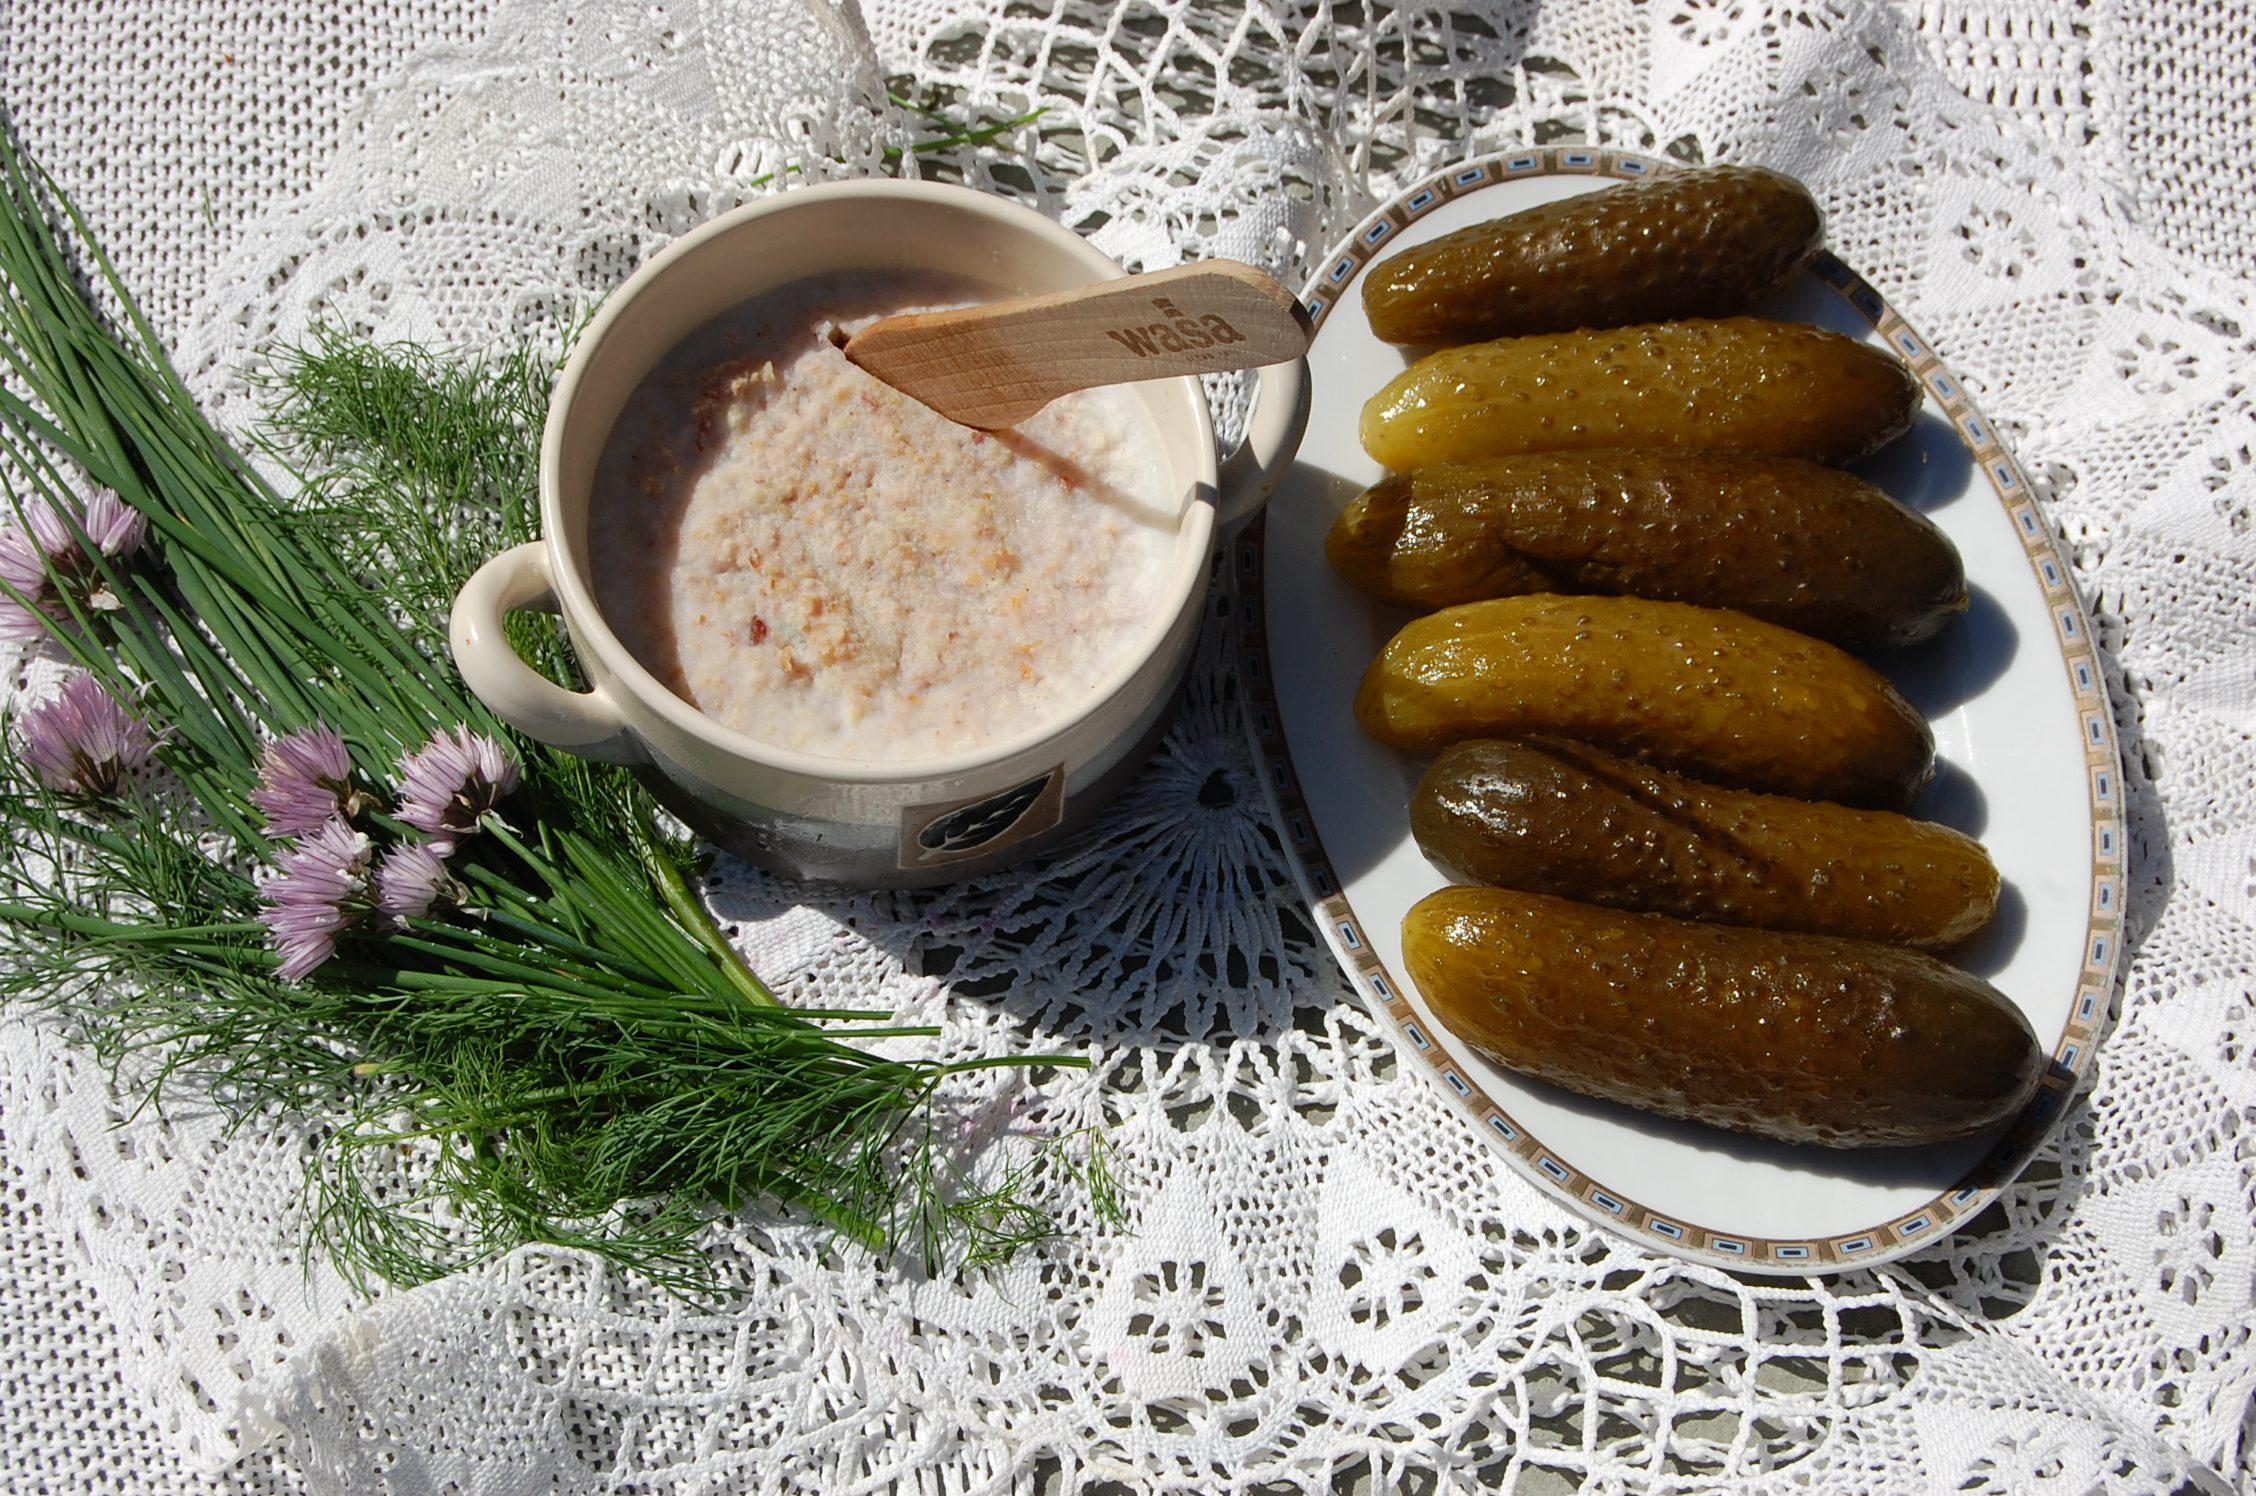 Ogórki kiszone i smalec swojski ekologiczna żywność w górach świętokrzyskich